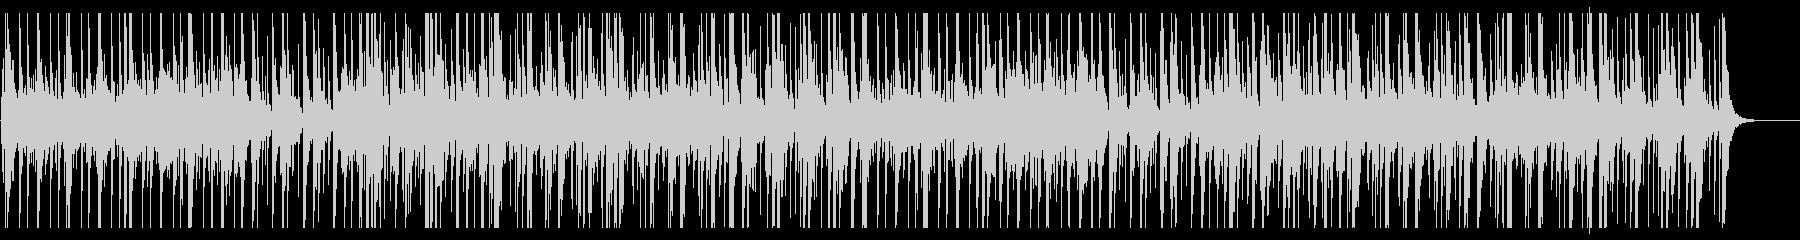 アップテンポな威勢の良い和太鼓のリズムの未再生の波形